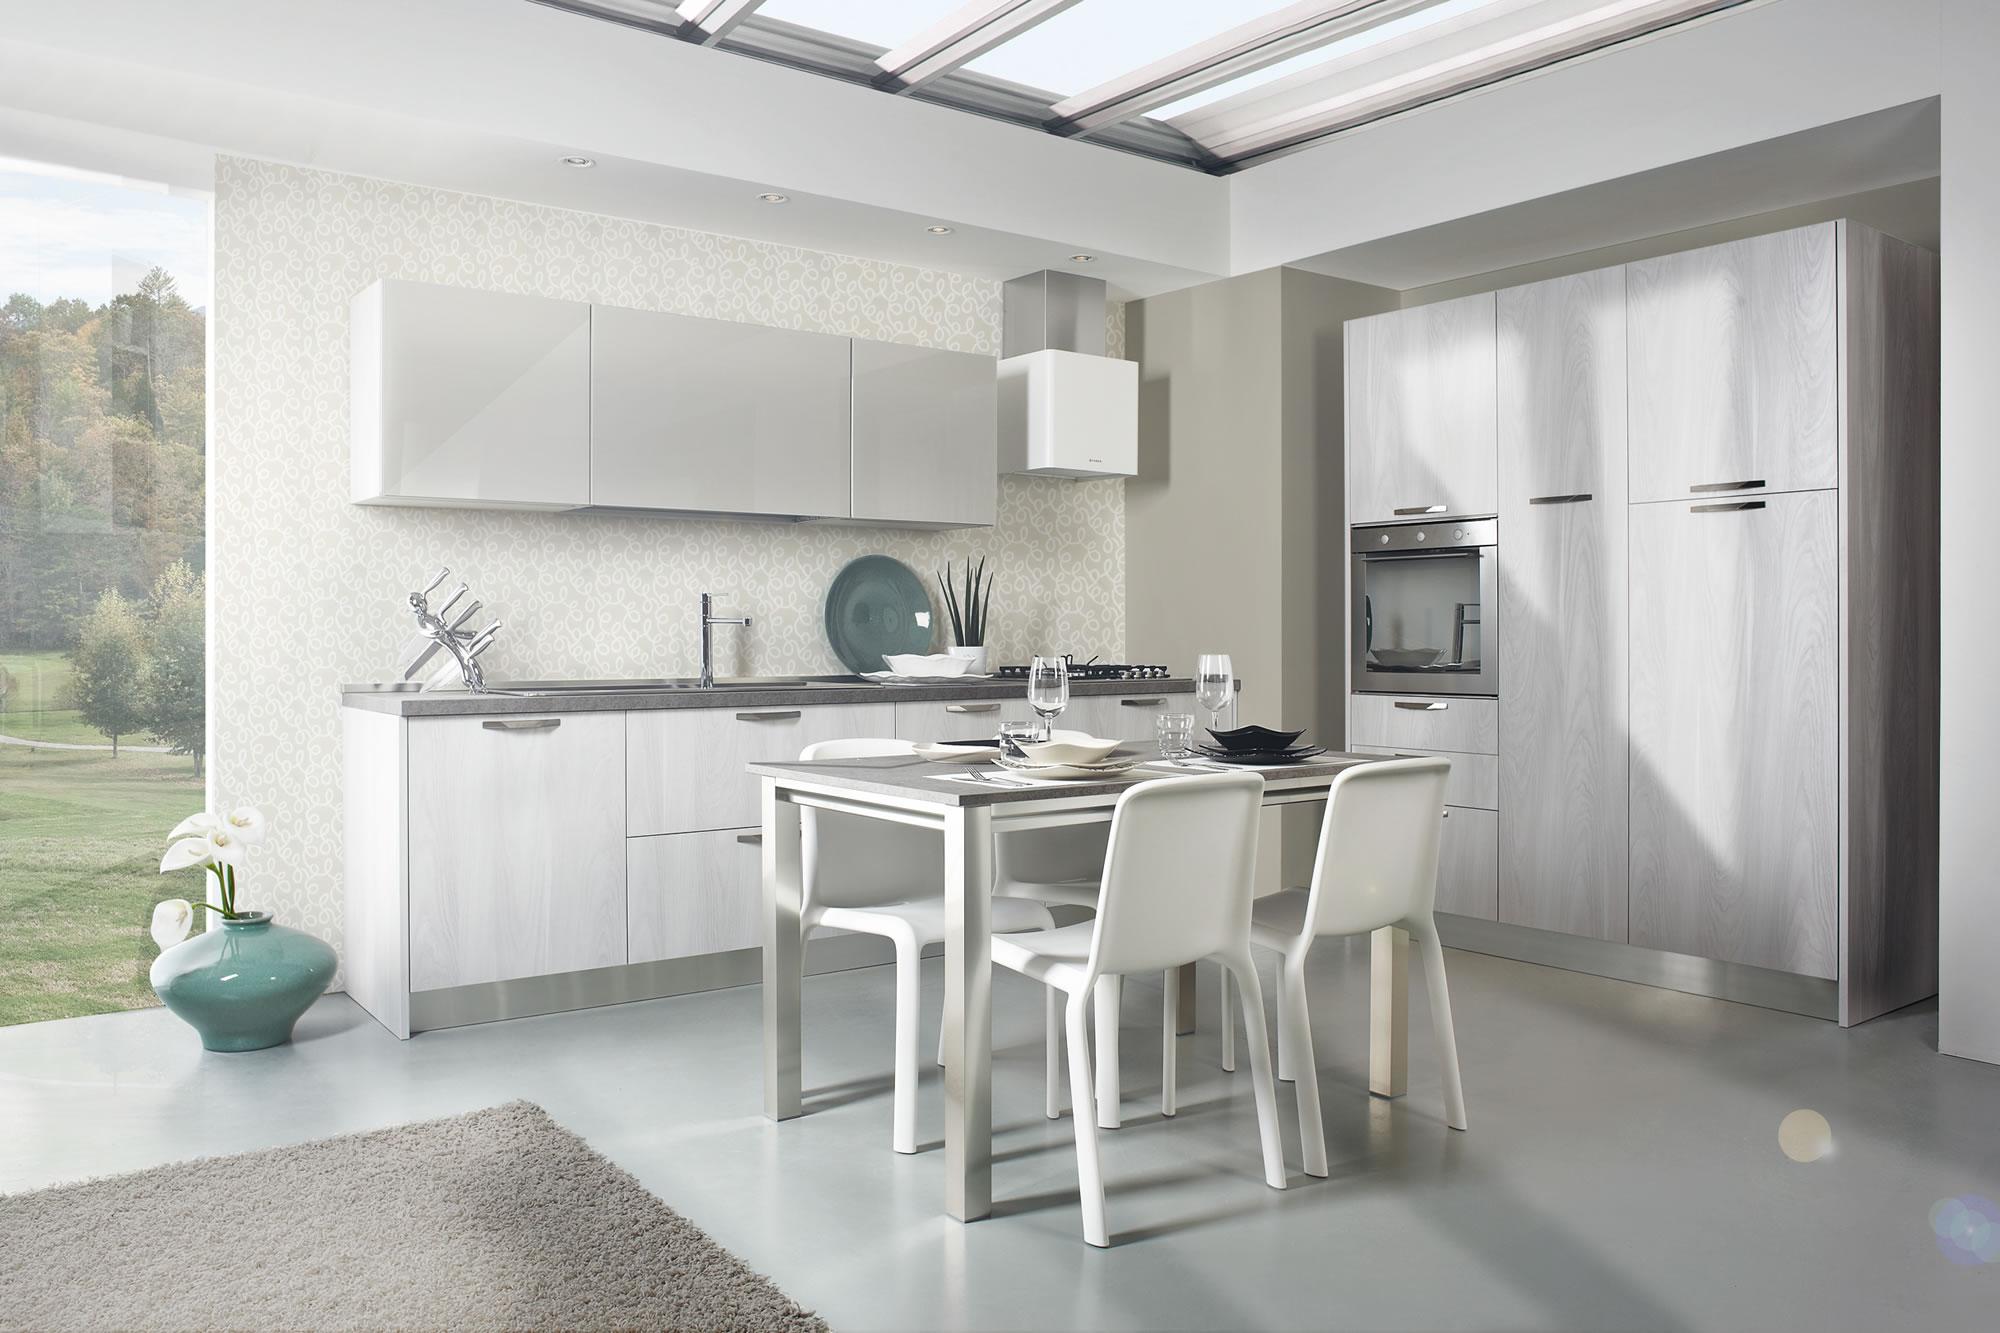 Cucine bianche design contemporaneo componibili laminato for Immagini cucine